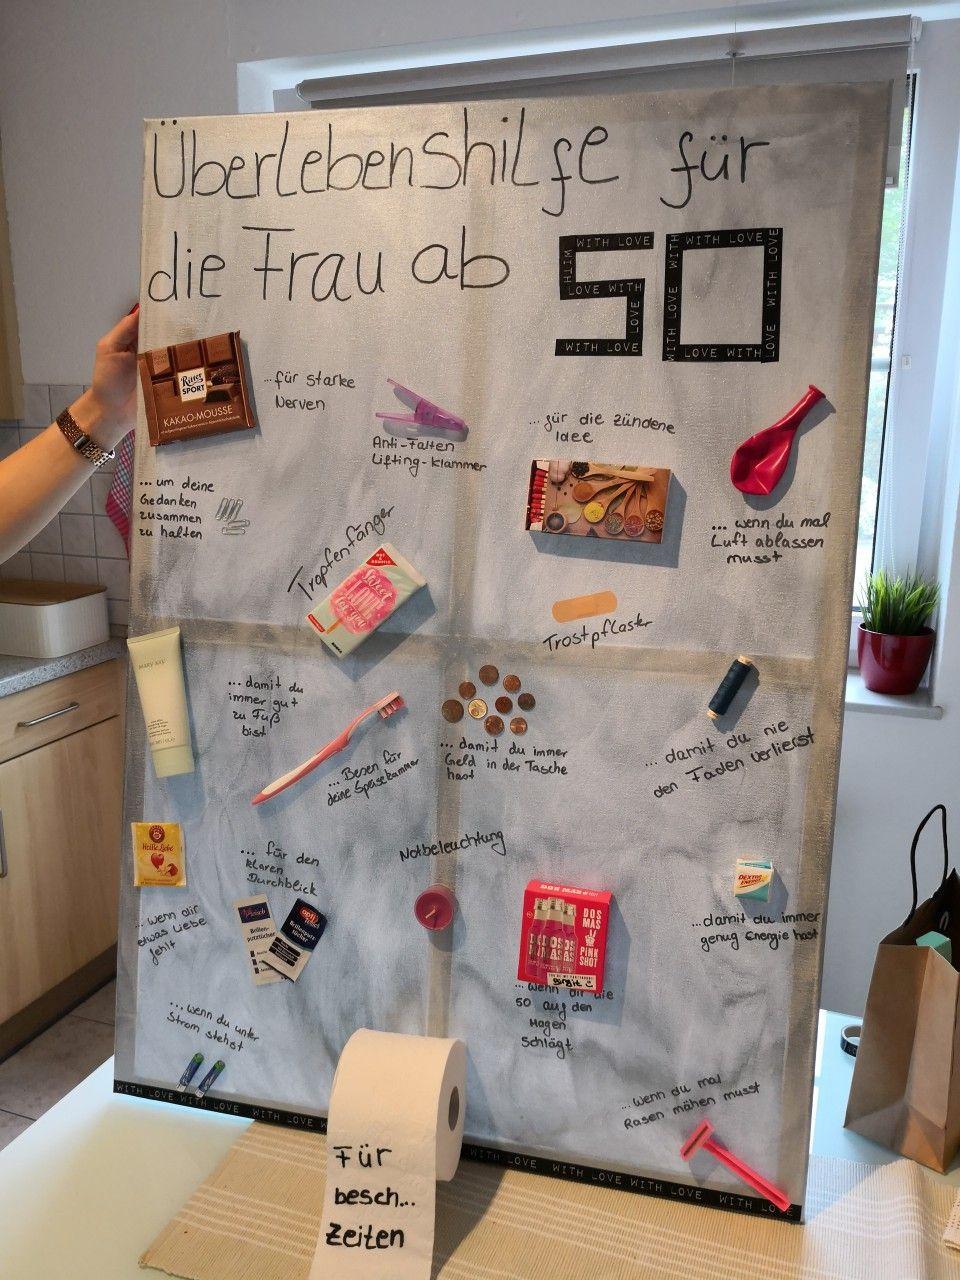 Geburtstagsgeschenk 50  Überlebenshilfe für Frau ab 50 Geburtstagsgeschenk 50